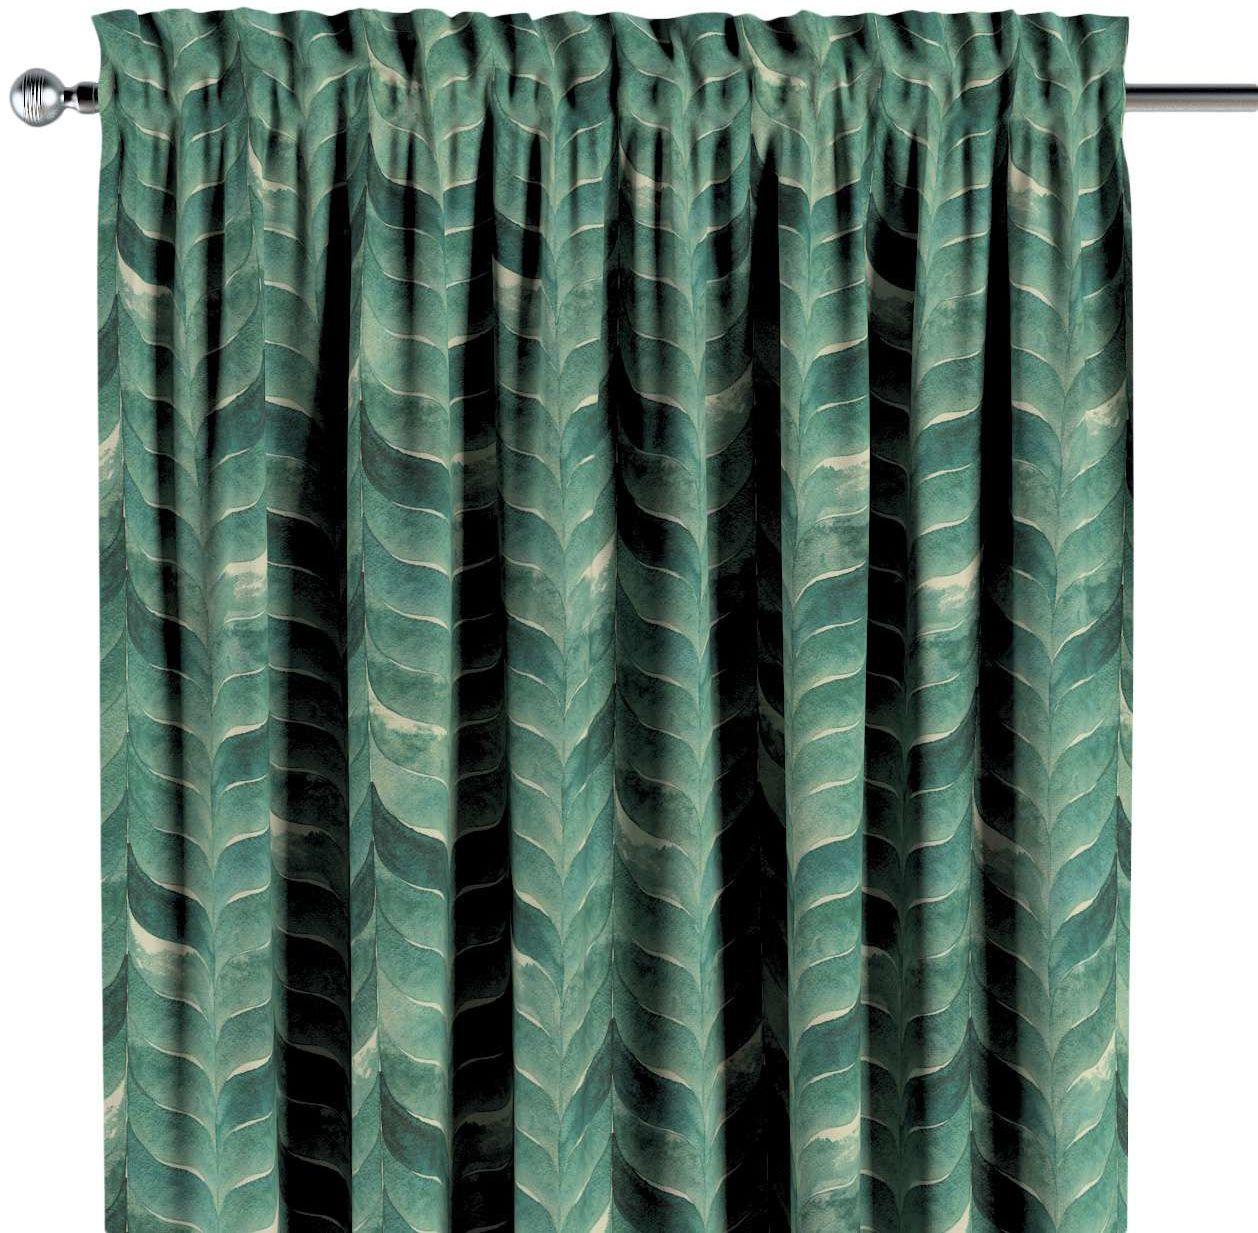 Zasłona na kanale z grzywką 1 szt., szmaragdowo-zielony wzór na lnianym tle, 1szt 130  260 cm, Abigail